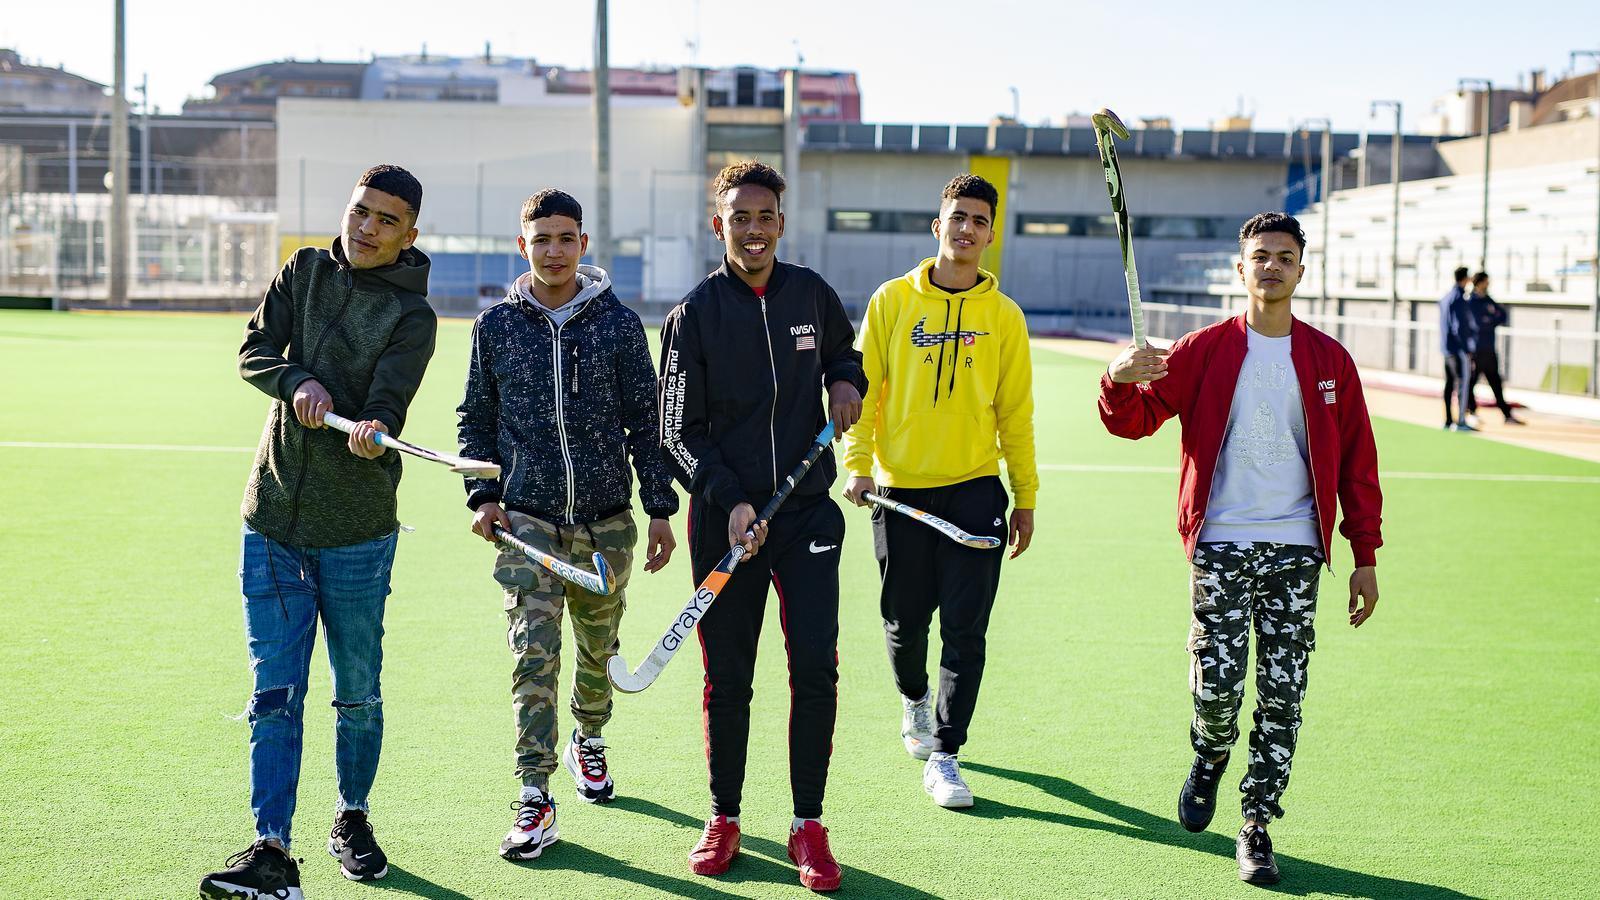 Els joves àrbitres en formació al camp d'hoquei herba de Terrassa